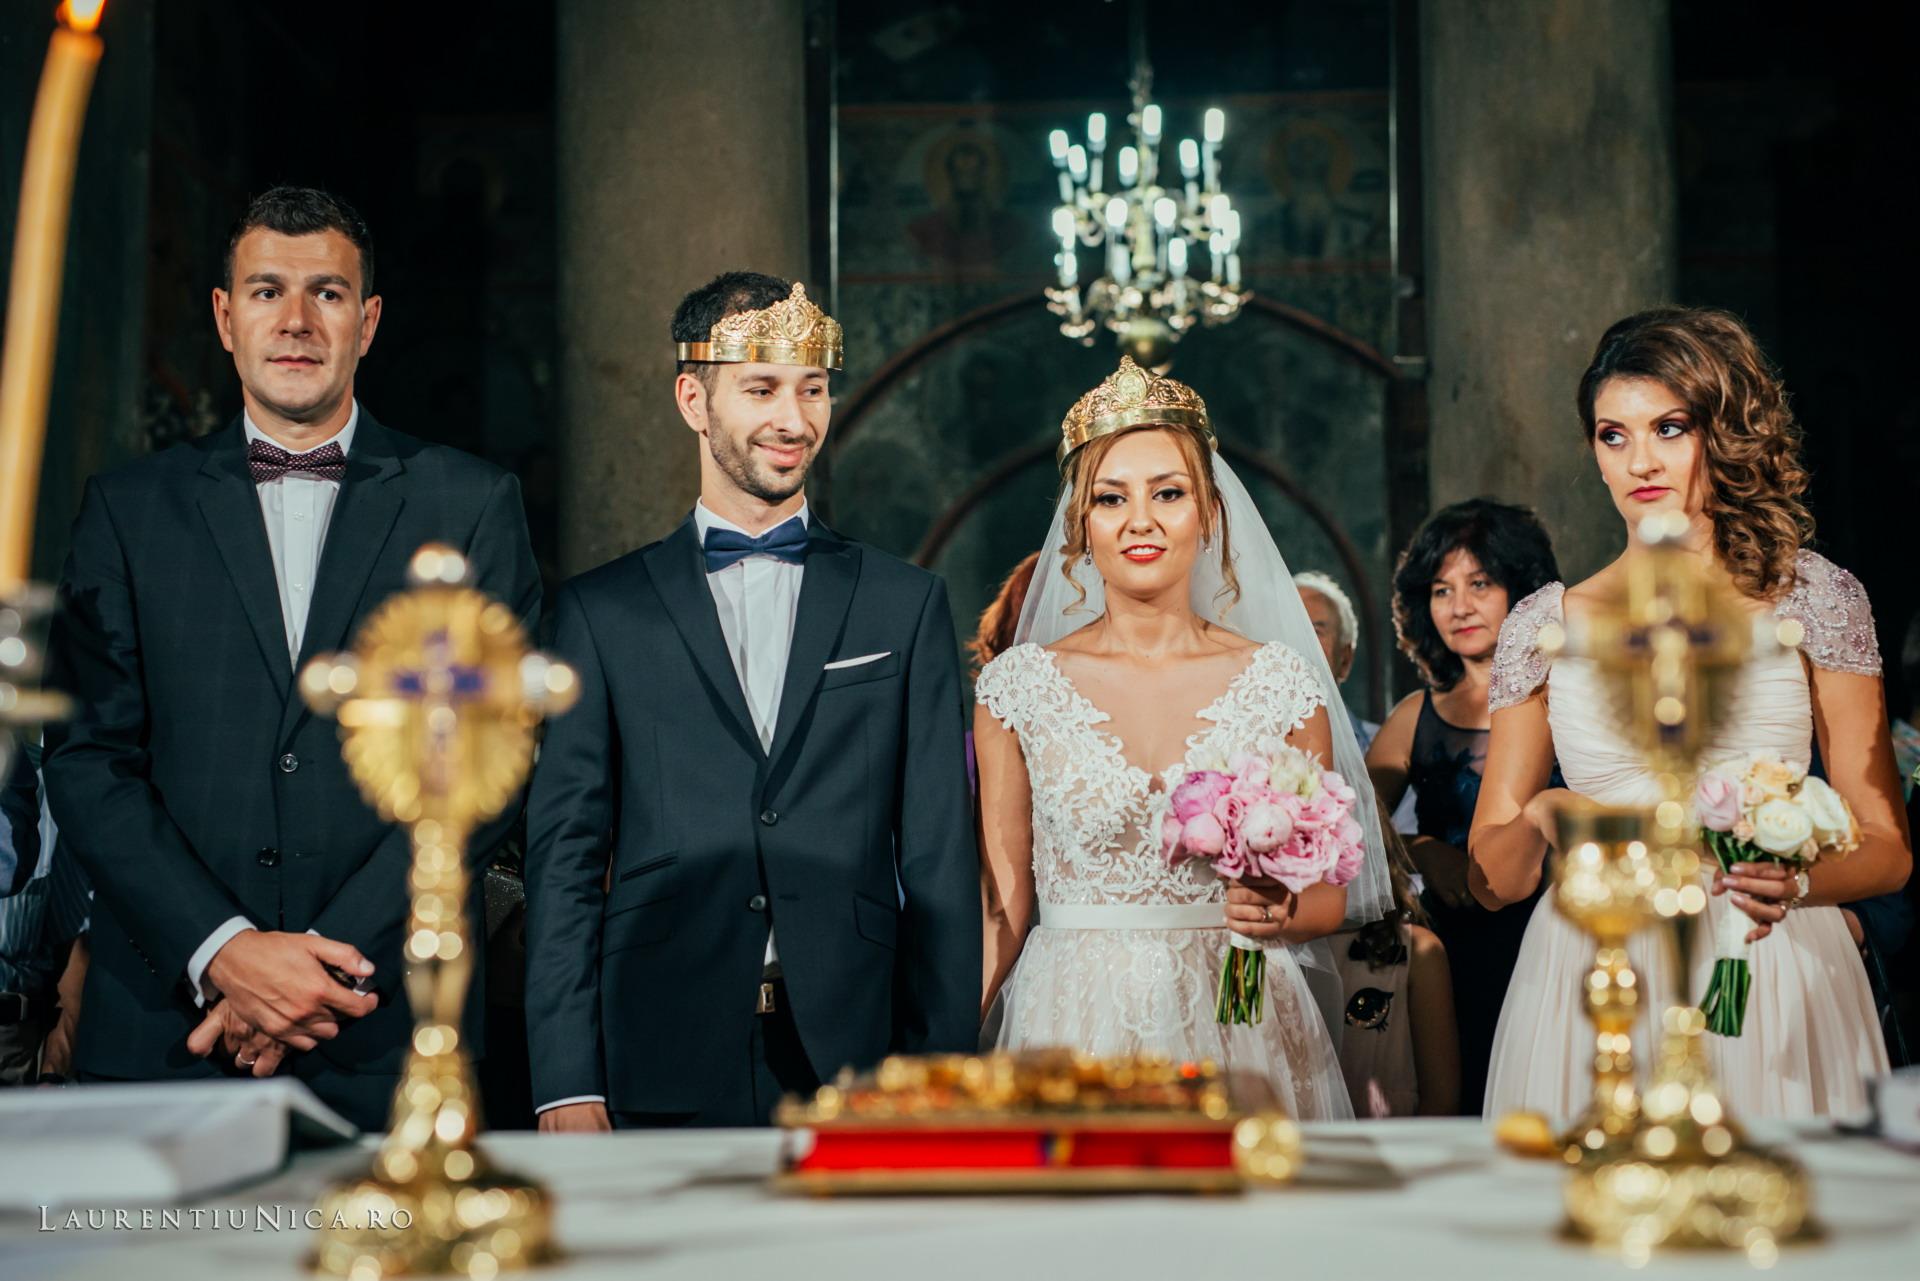 carolina si sorin craiova fotograf nunta laurentiu nica30 - Carolina & Sorin | Fotografii nunta